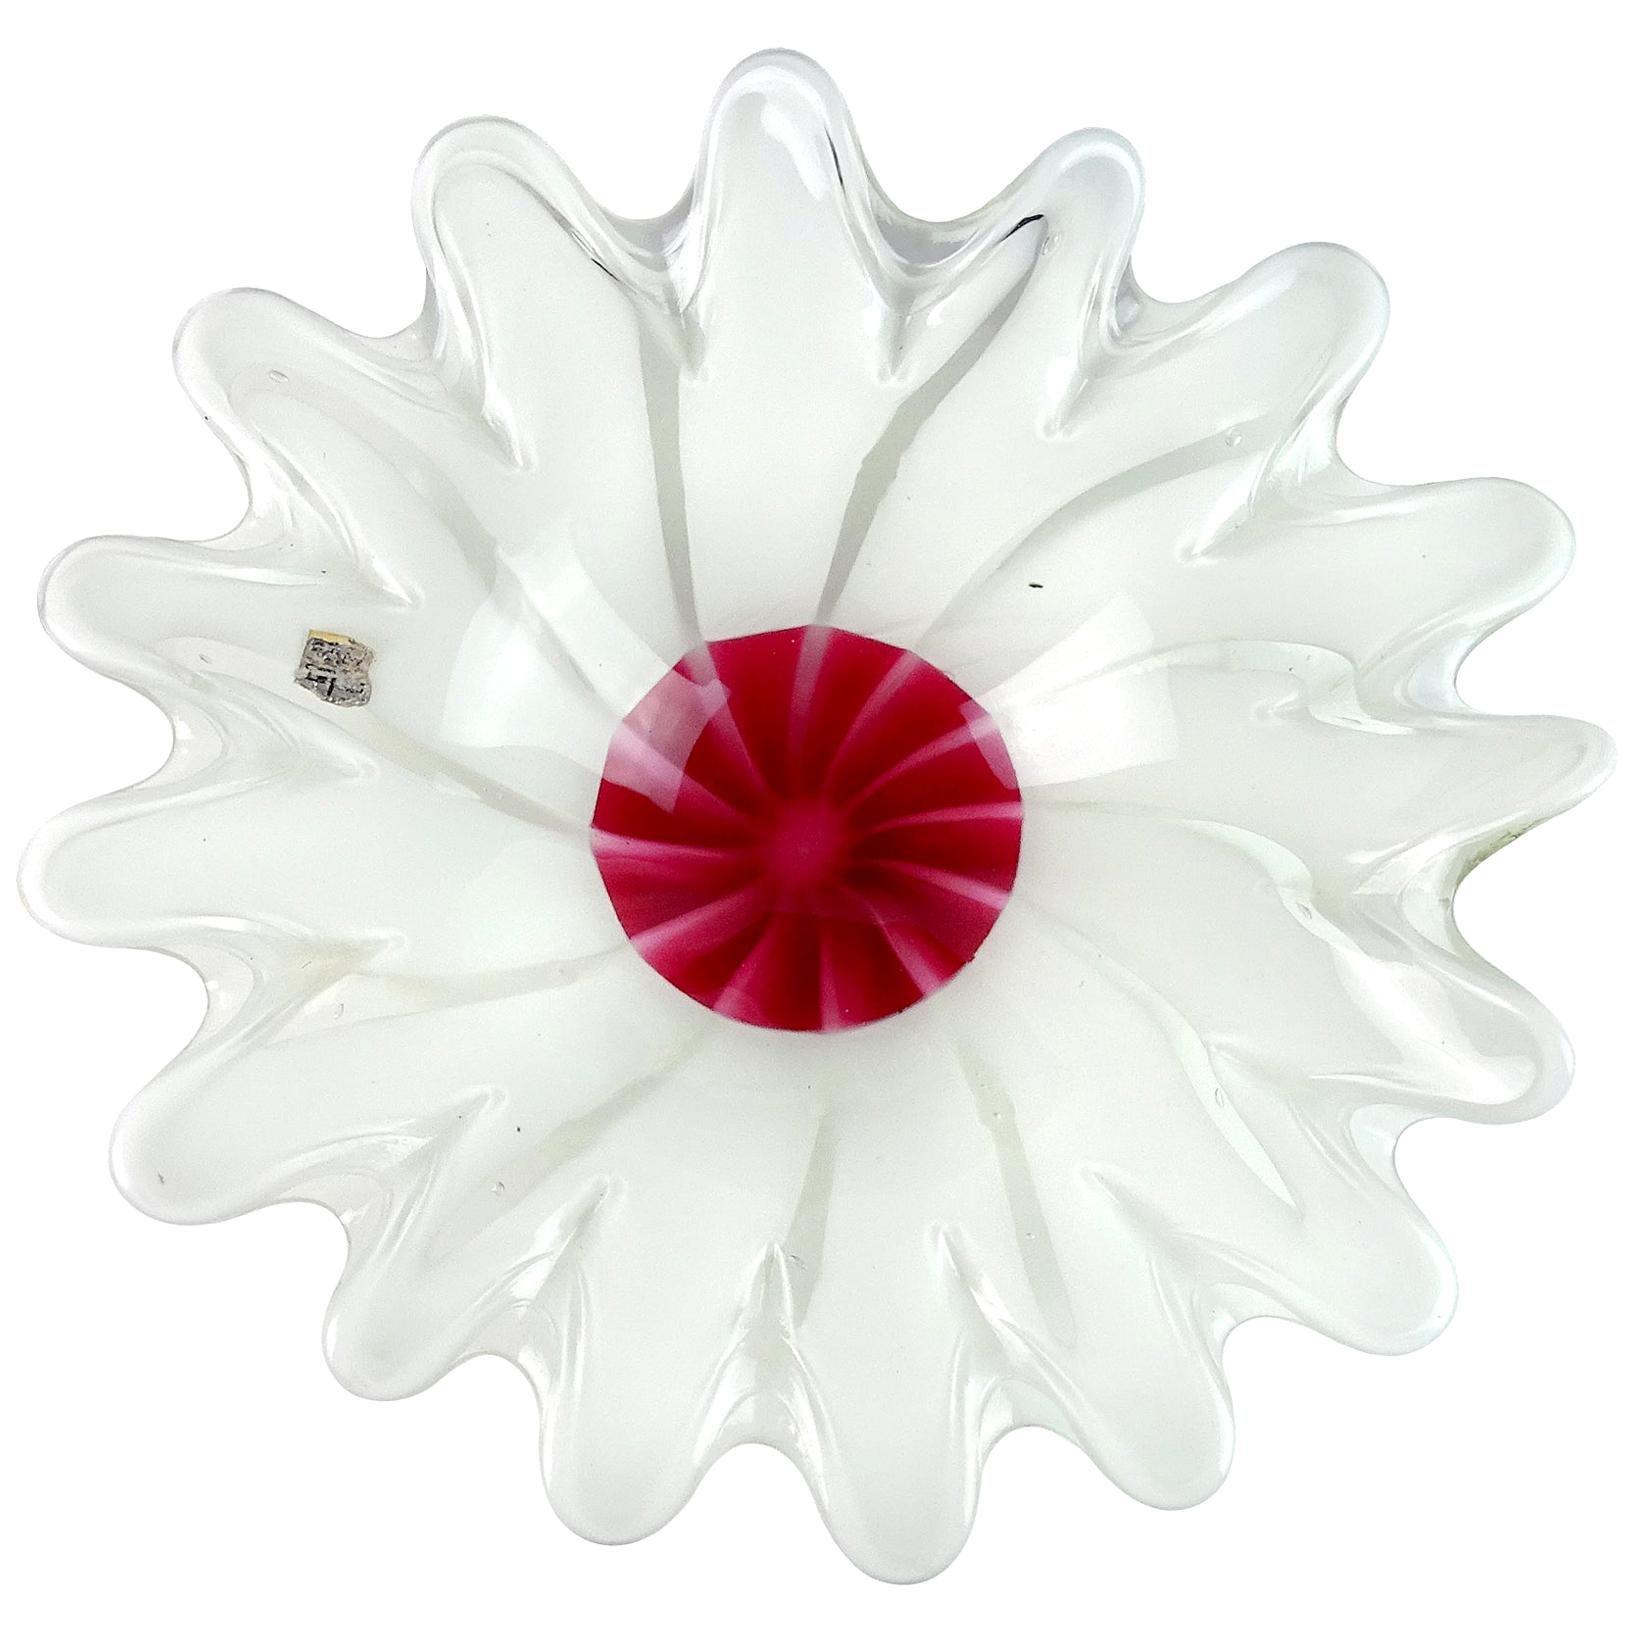 Fratelli Toso Murano White Red Center Italian Art Glass Flower Shaped Bowl